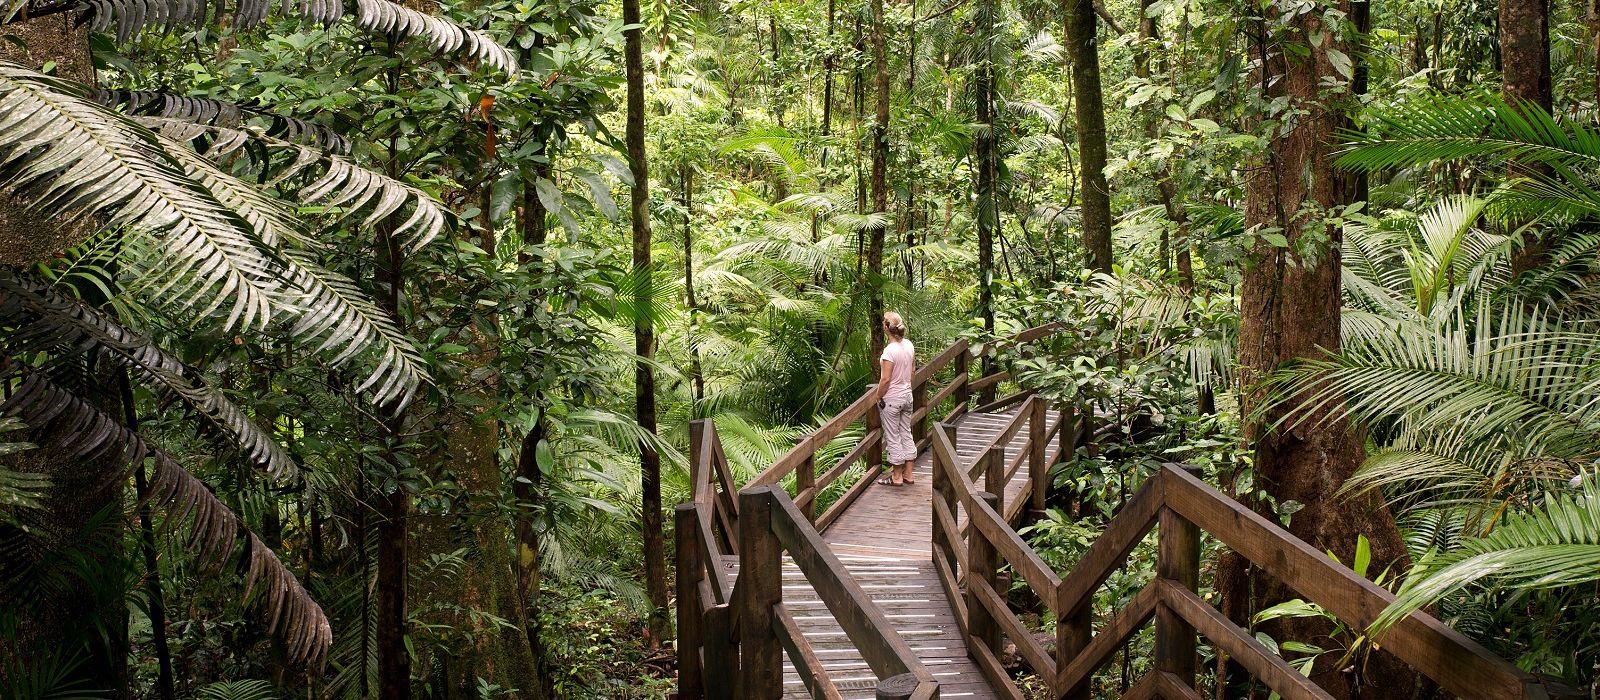 Australien Luxusreise: Natur, Kultur & paradiesische Inseln Urlaub 3